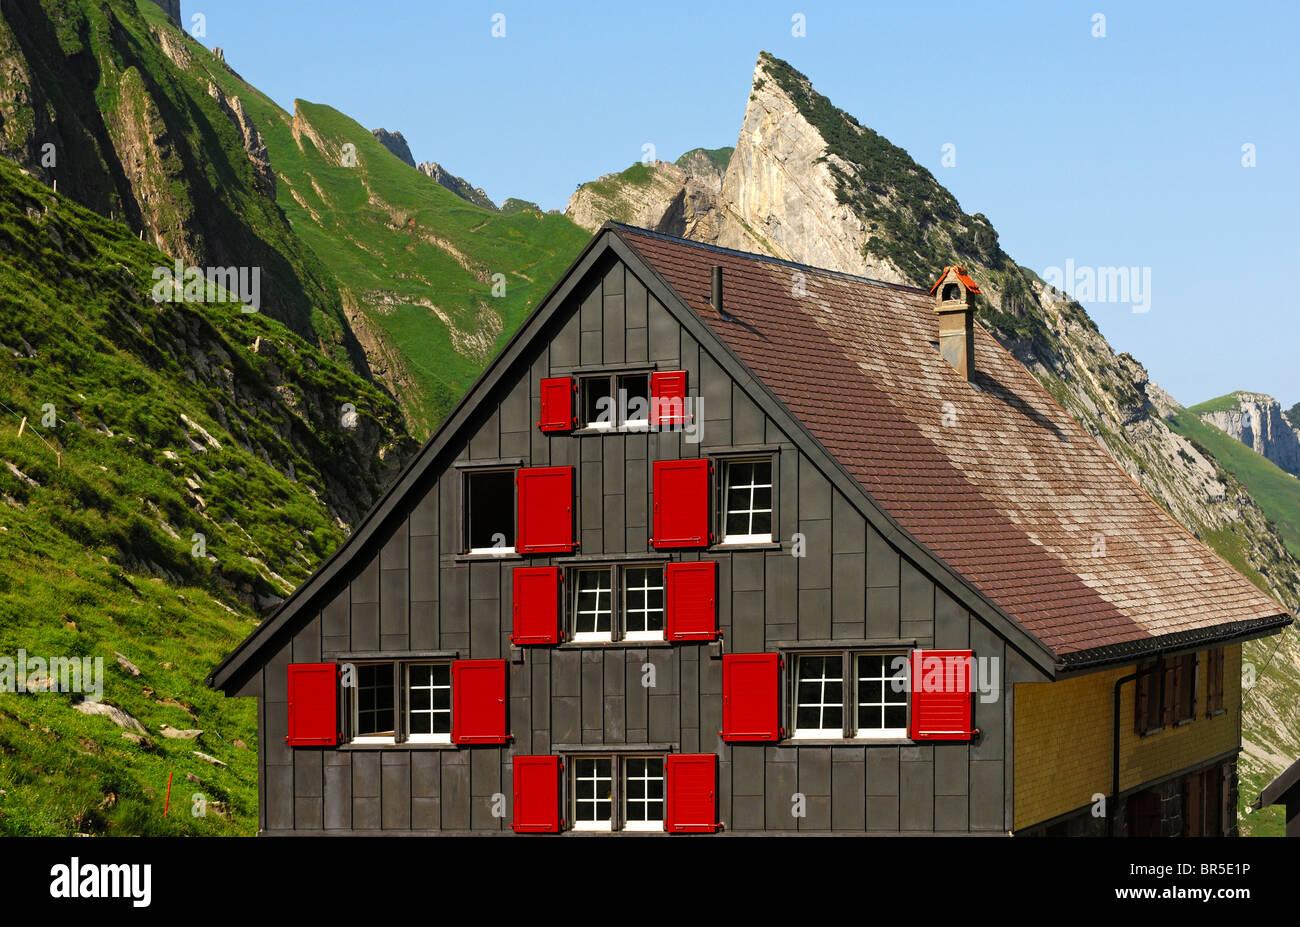 Rückseite des Berggasthaus Mesmer, Weissbad, Alpstein Bergkette, Kanton Appenzell Innerrhoden, Schweiz Stockbild